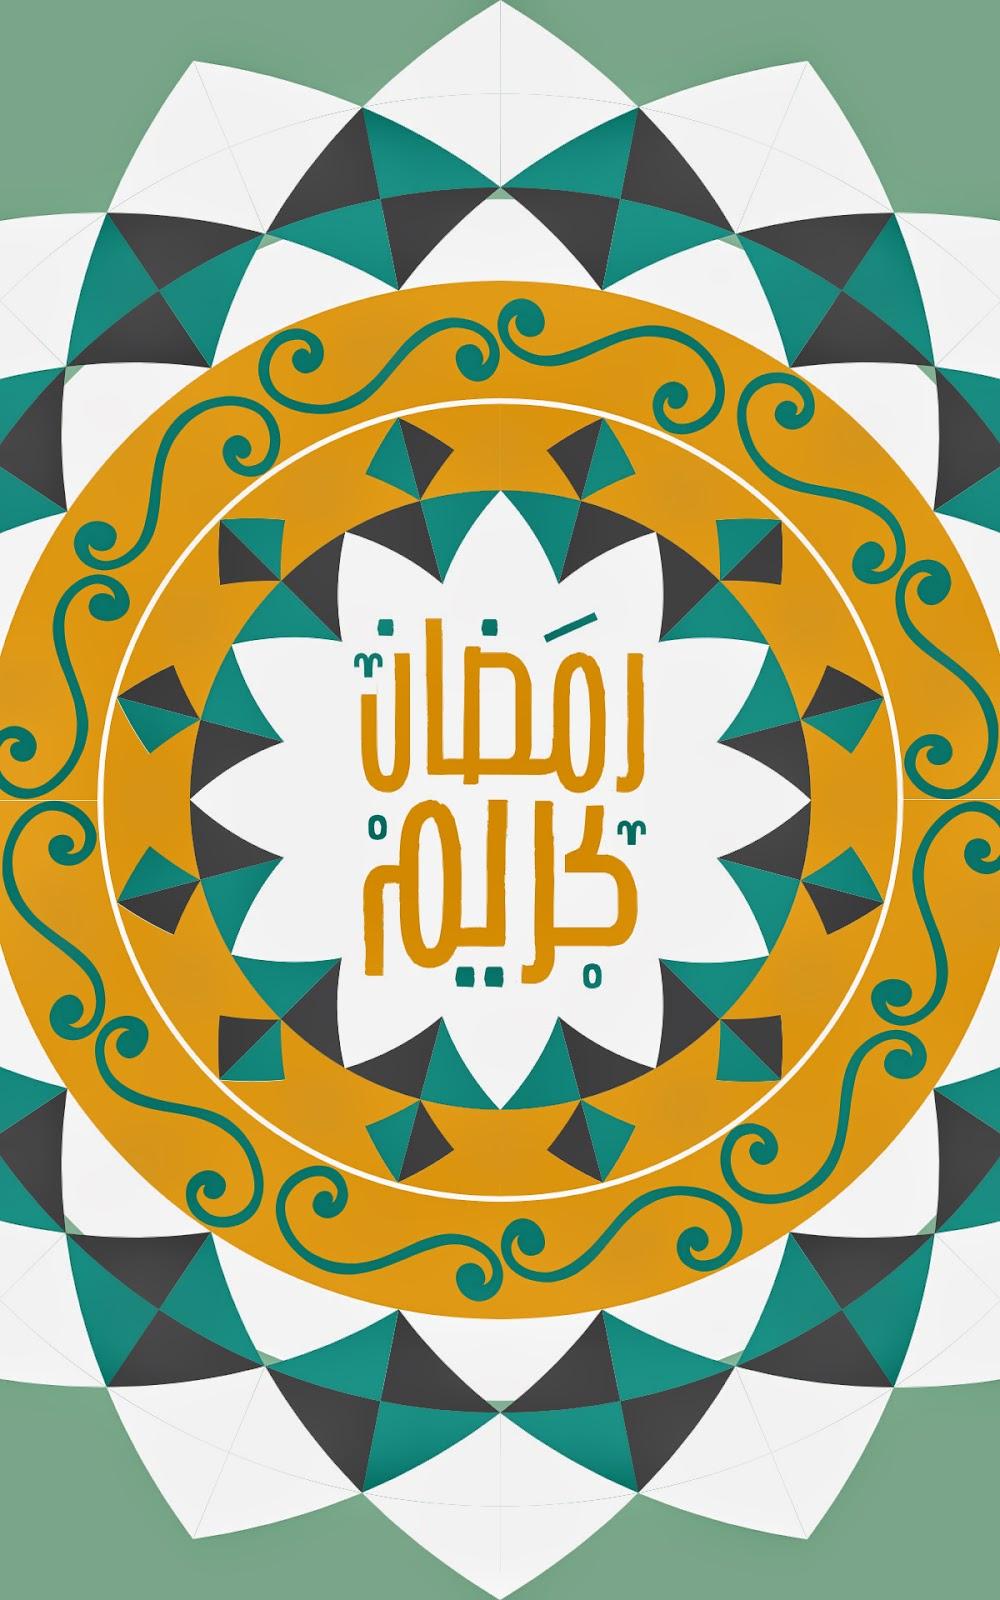 13 3 - أحدث وأروع الخلفيات الدينية لشهر رمضان المعظم لجوالات الآيفون